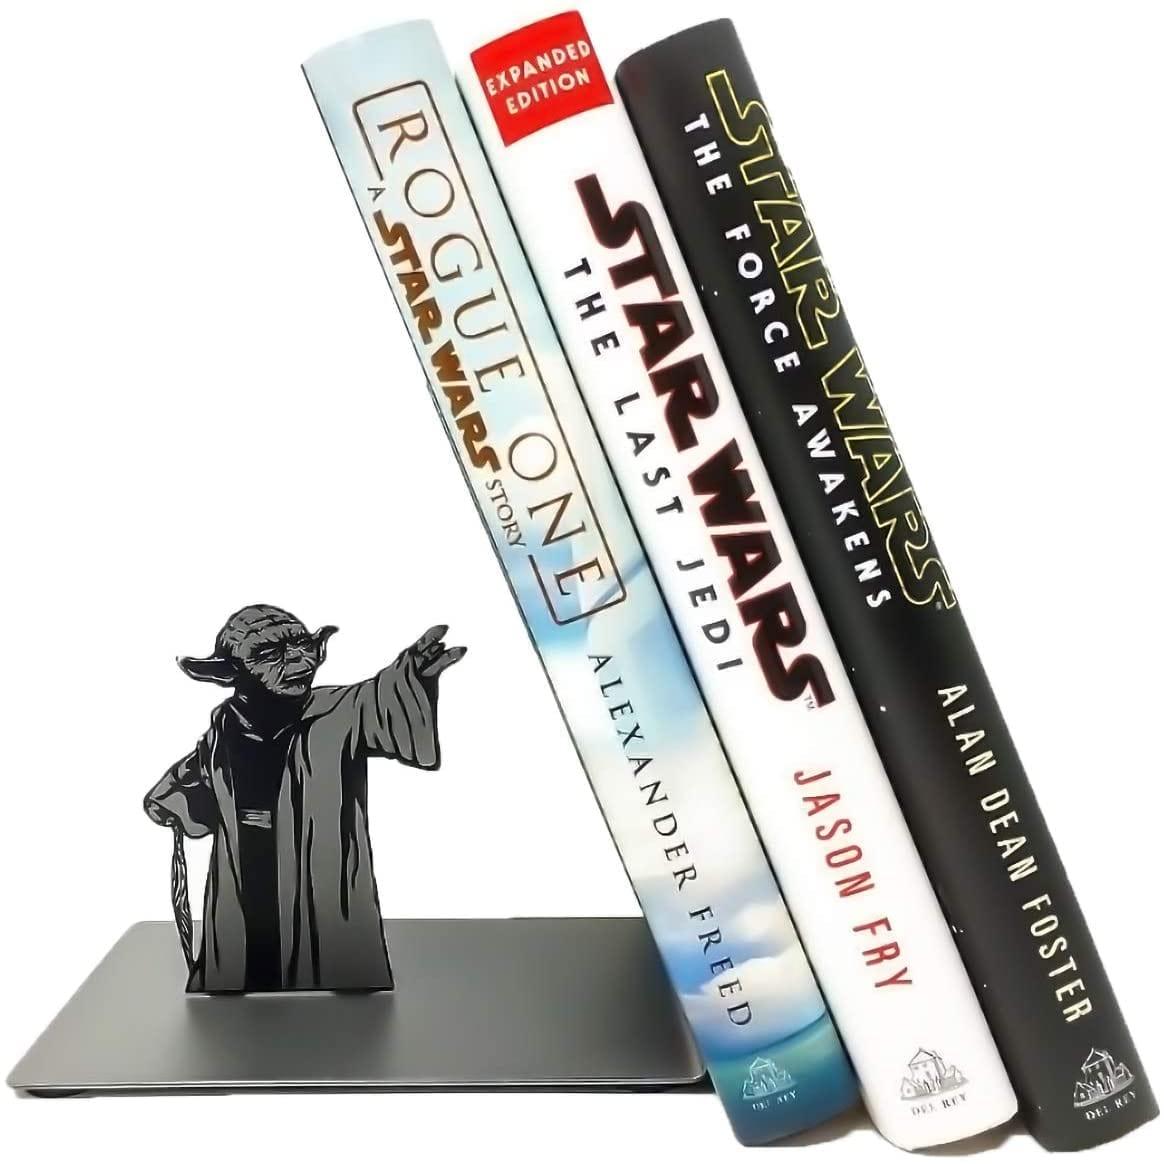 Sujetalibros para oficina y hogar Yoda The Force Bookshelf Star Wars (Entrega de 3 a 4 semanas una vez realizado el pago)